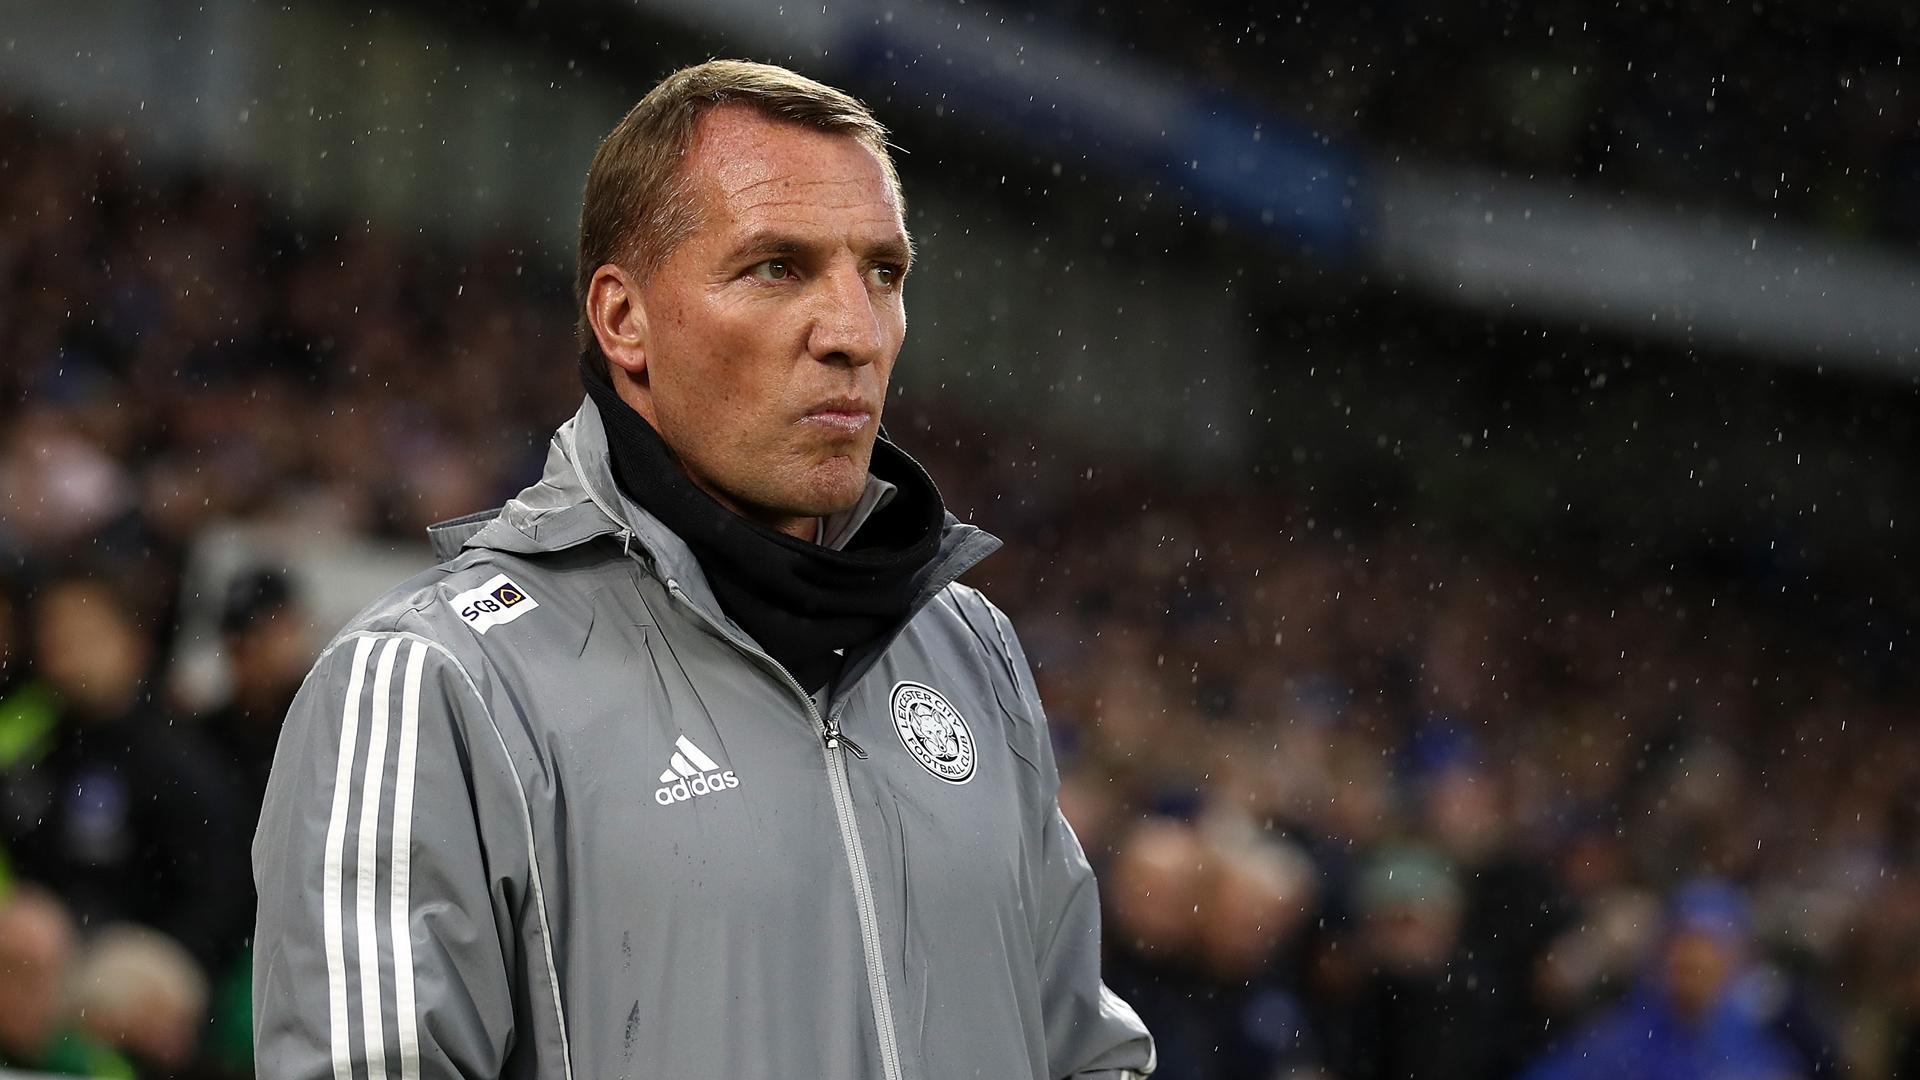 Championnat d'Angleterre: Manchester United et Chelsea en Ligue des Champions, Watford relégué